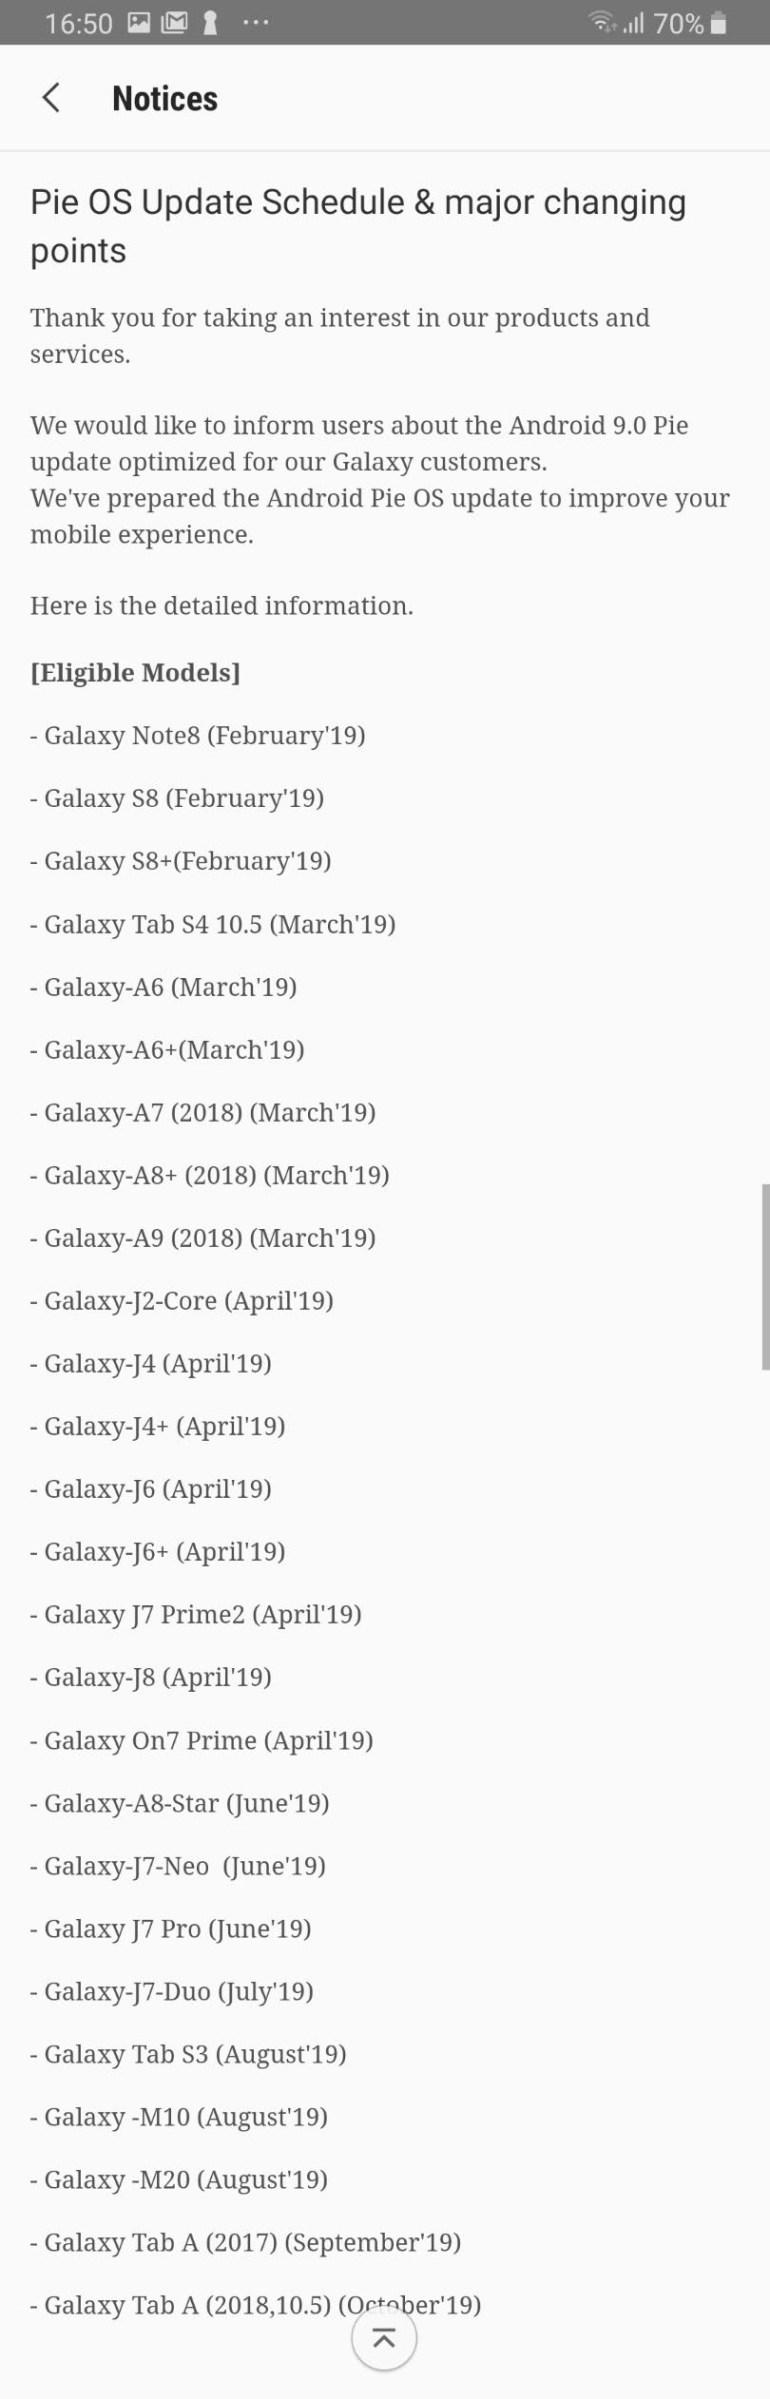 Появился уточненный график выхода Android 9.0 Pie для смартфонов Samsung, некоторые старые модели (даже бюджетные) получат апдейт на месяц раньше